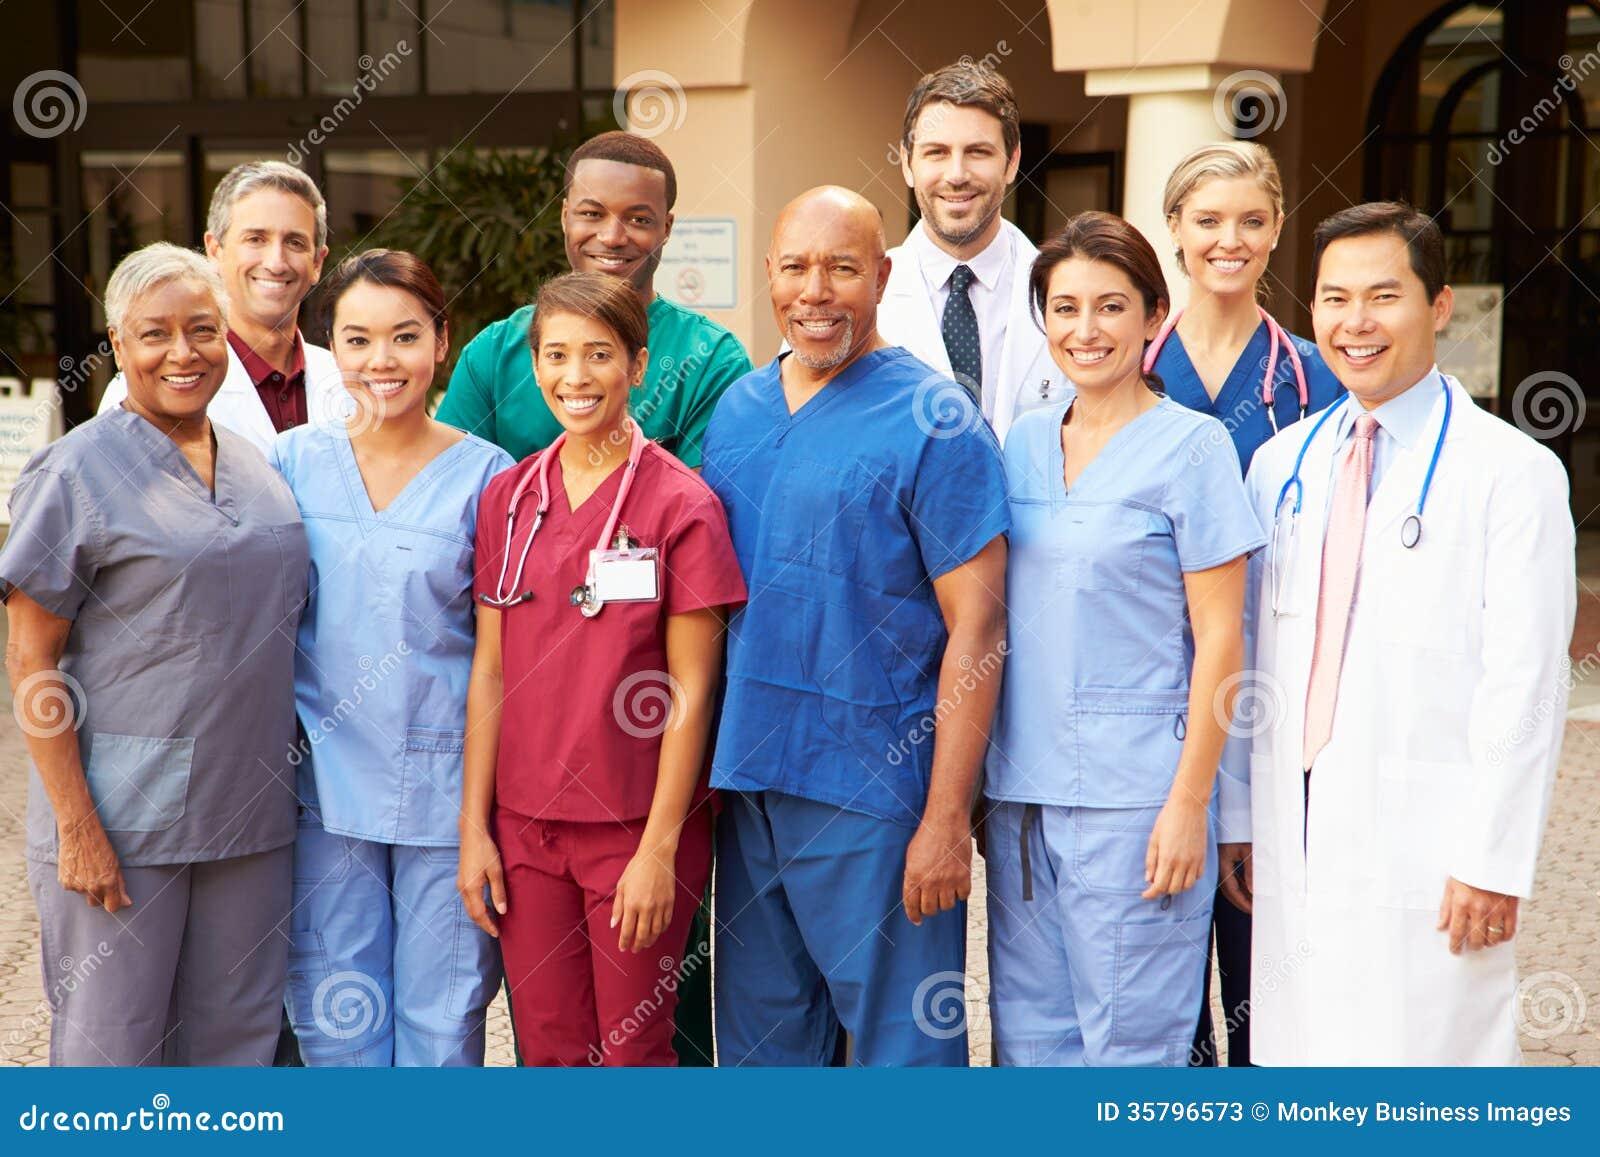 Plenerowy portret zaopatrzenie medyczne